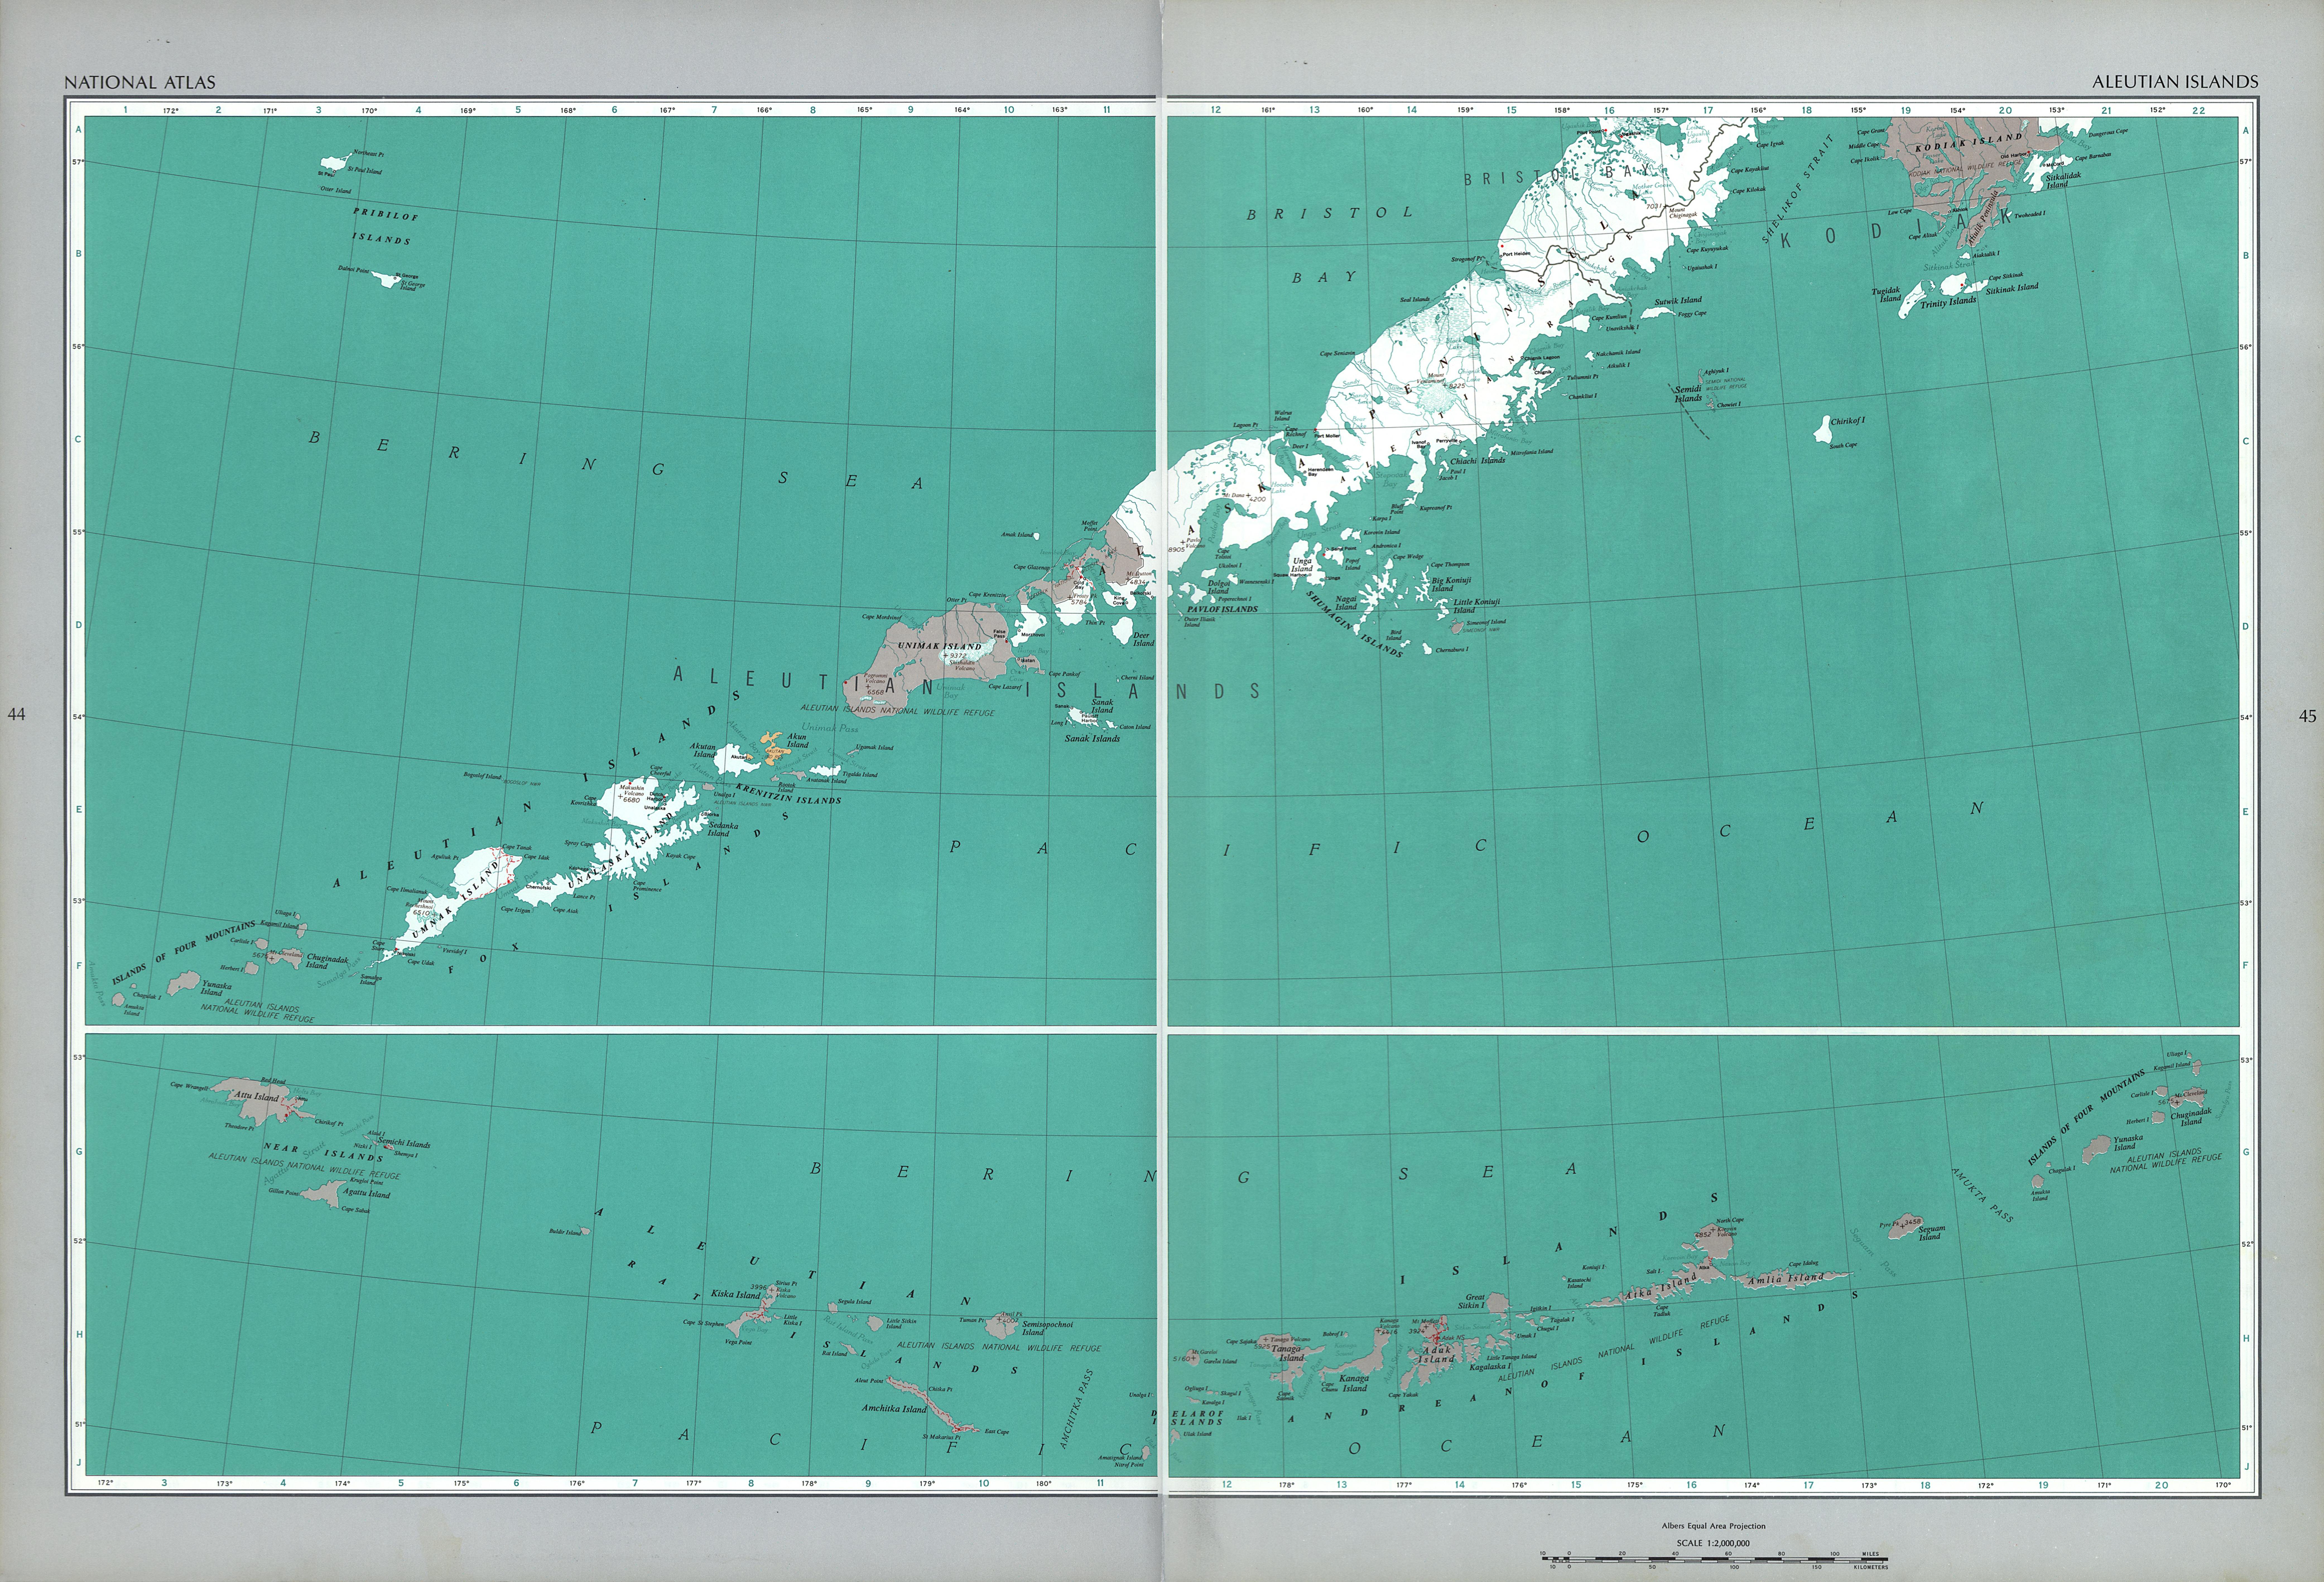 Mapa de las Islas Aleutianas, Estados Unidos